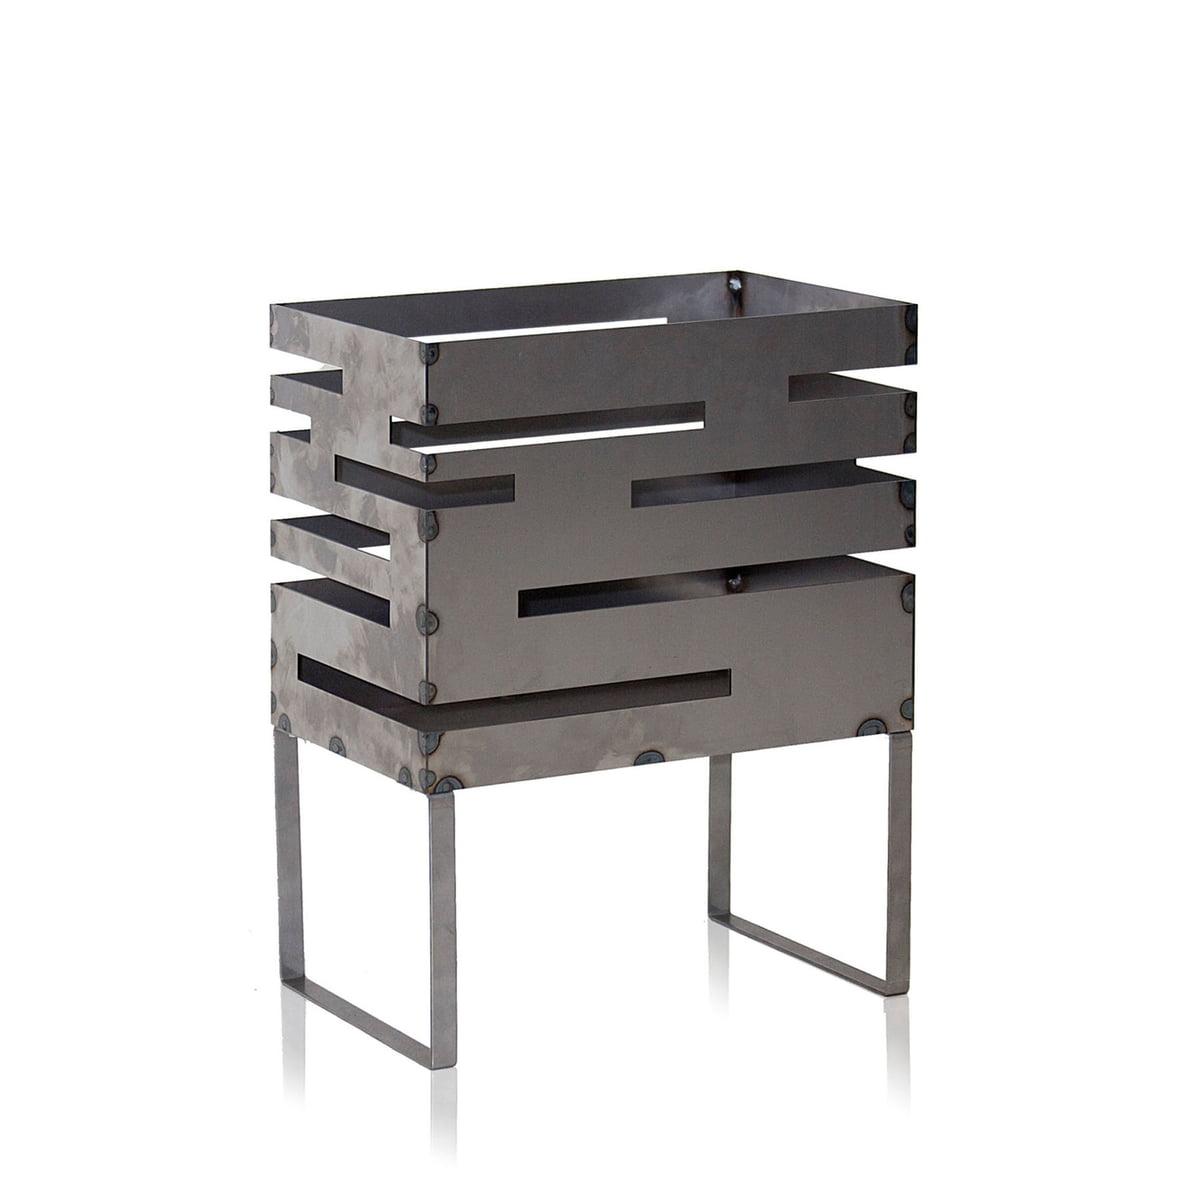 urban feuerkorb von r shults im shop. Black Bedroom Furniture Sets. Home Design Ideas